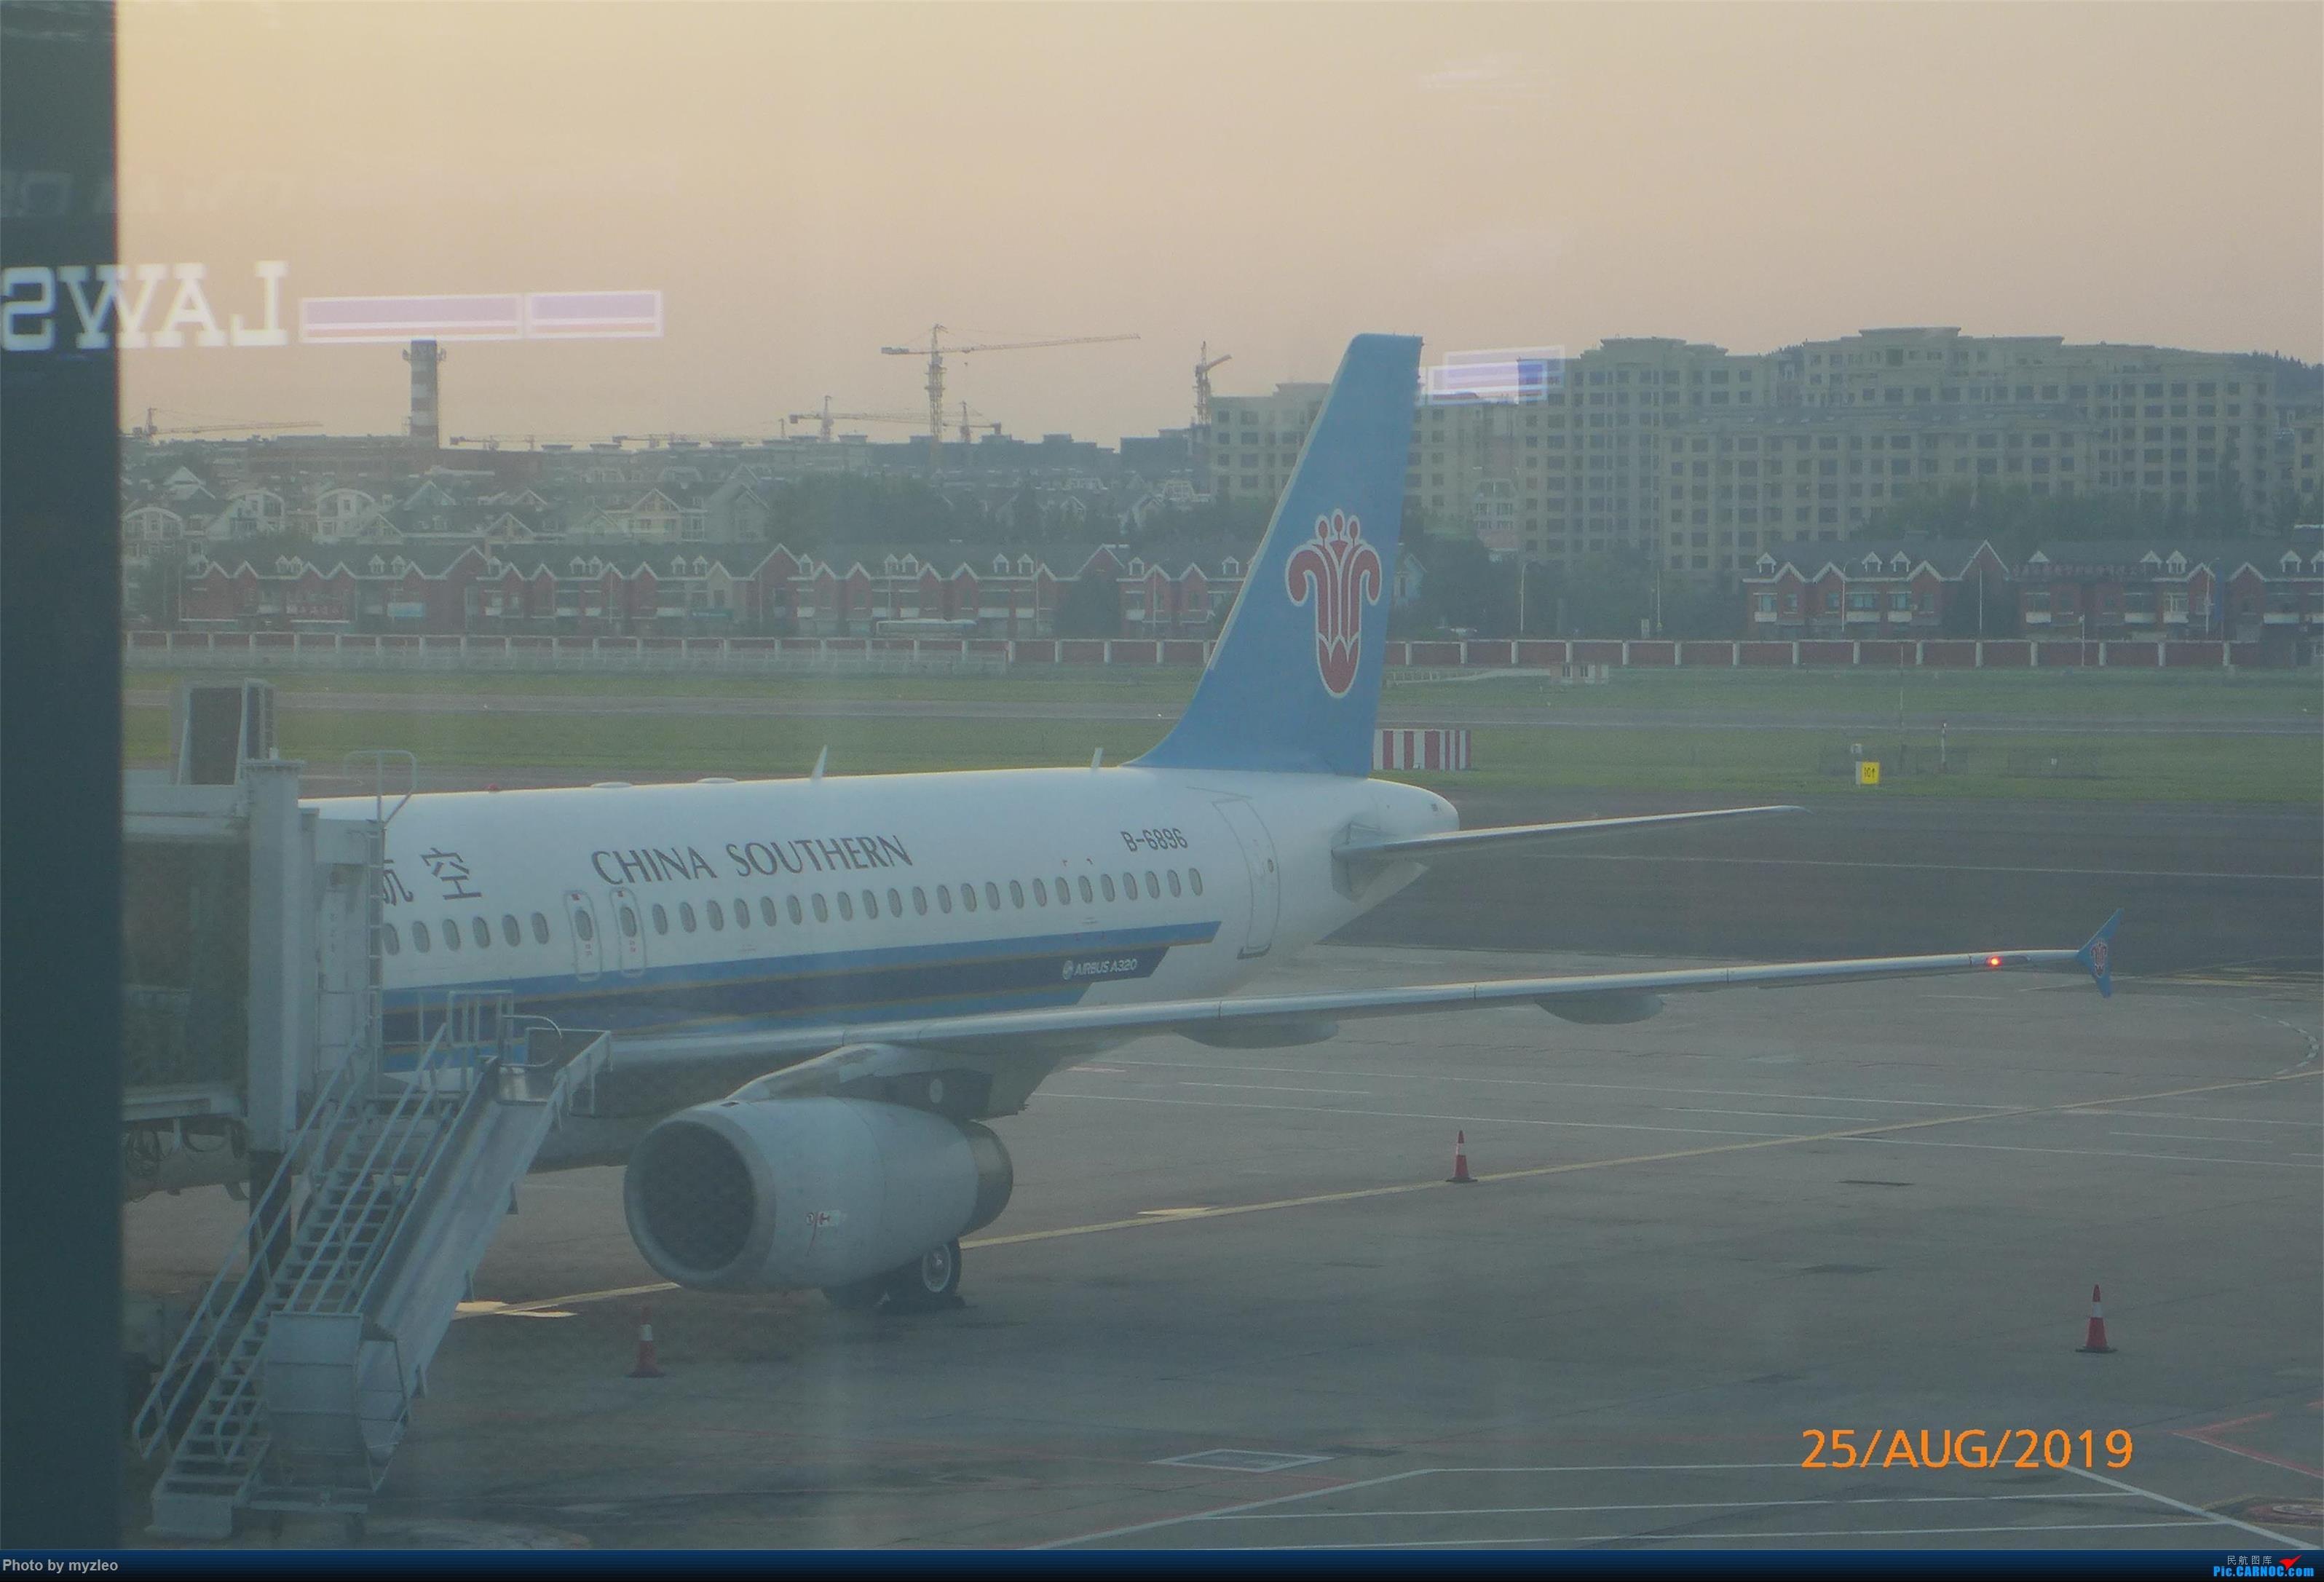 Re:[原创]【myzleo的游记5.3】在大连各景点穿梭不停,坐东航319返回上海 AIRBUS A320-200 B-6896 中国大连国际机场